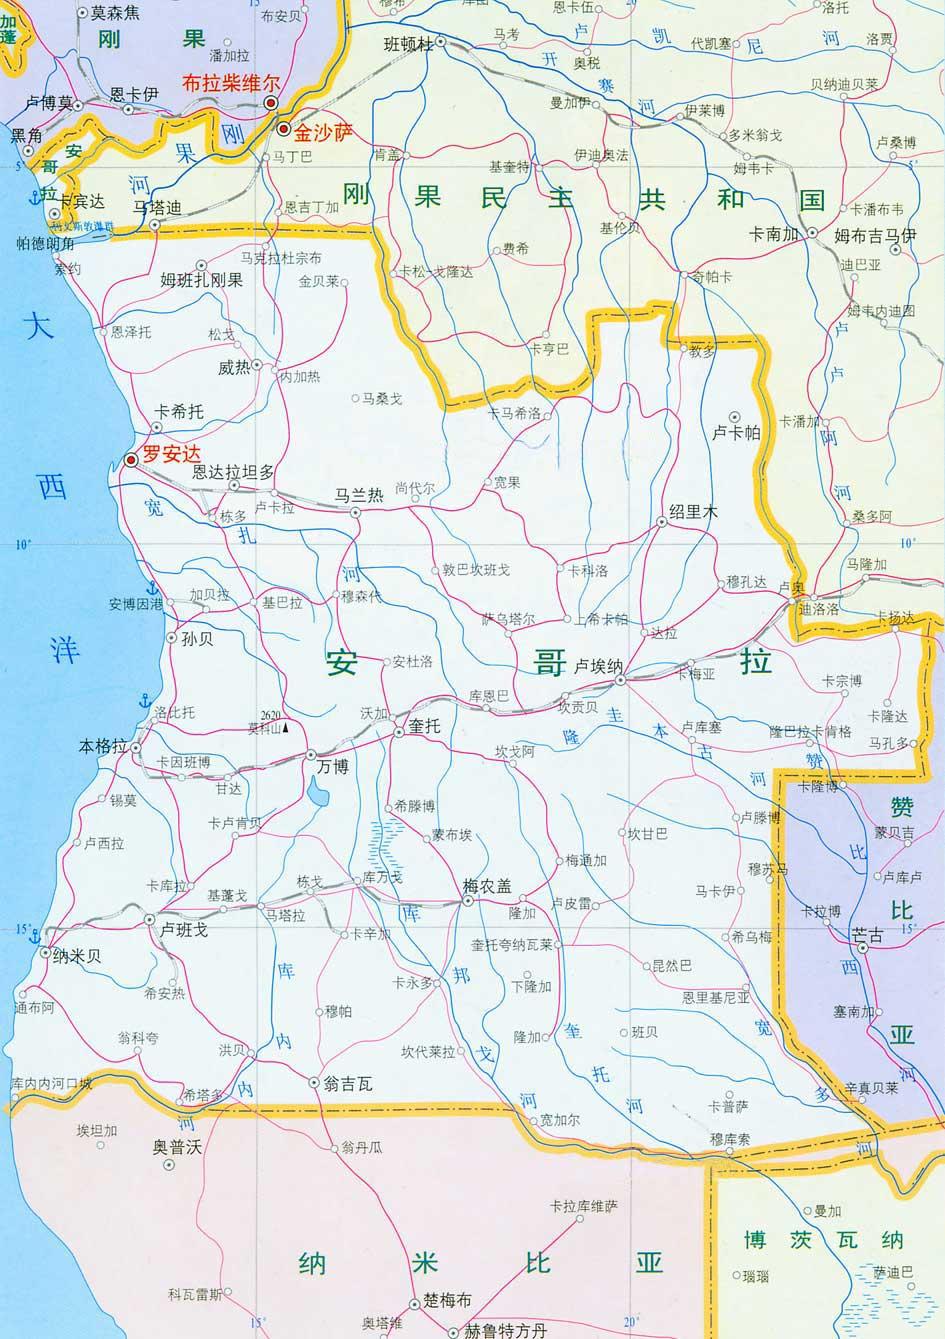 安哥拉地图_安哥拉地图查询